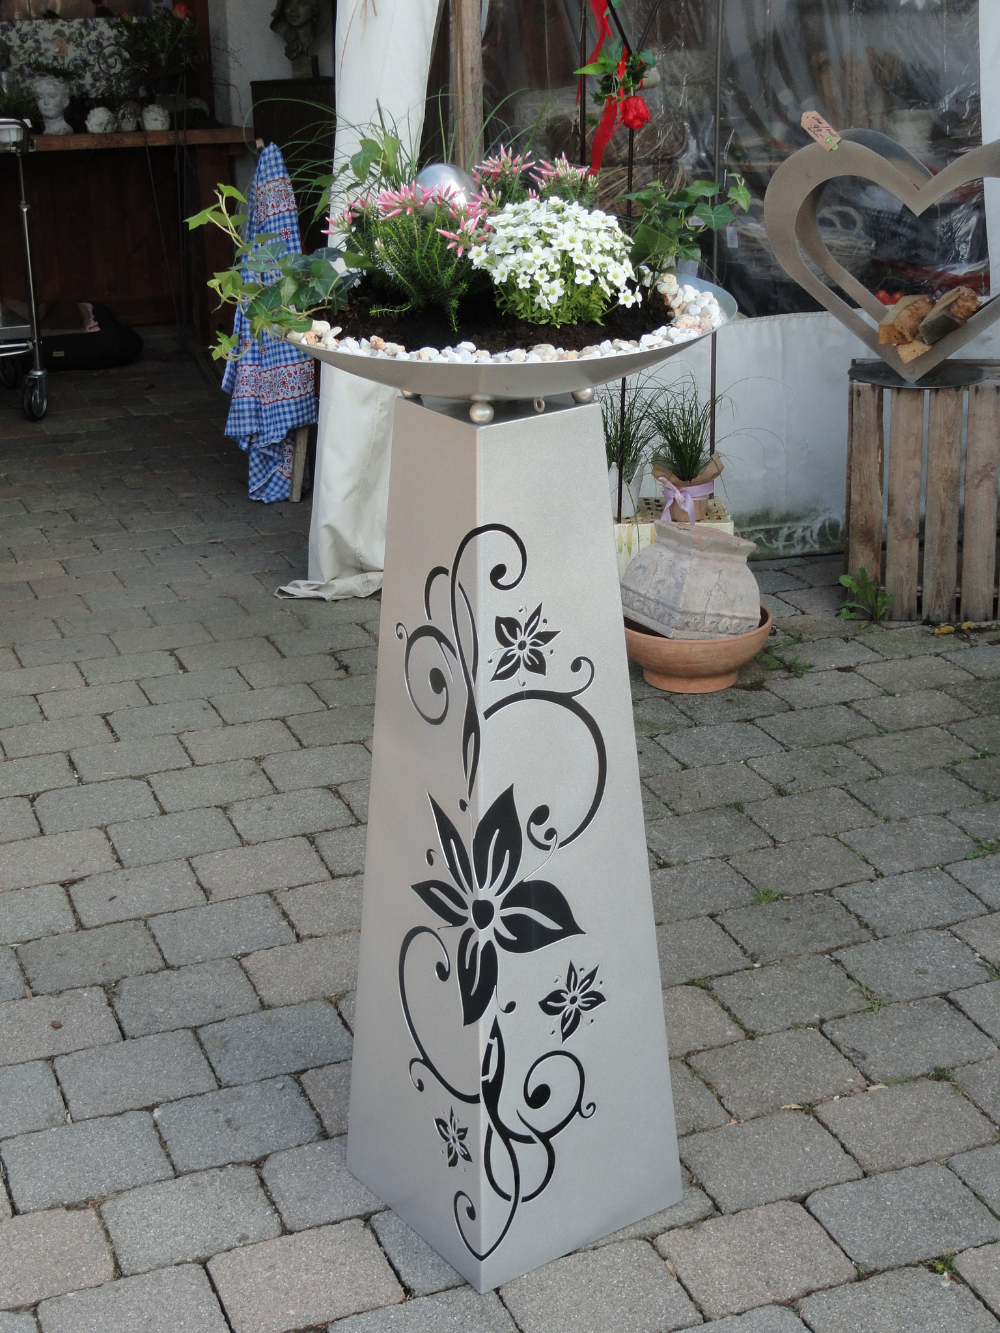 Saule Blume In Der Farbe Silber Brillant Schale Direkt Bepflanzt Gartendeko Von Franz Und Karin 84155 Aich Niederaich Pflanzschale Pflanzen Blumenschale